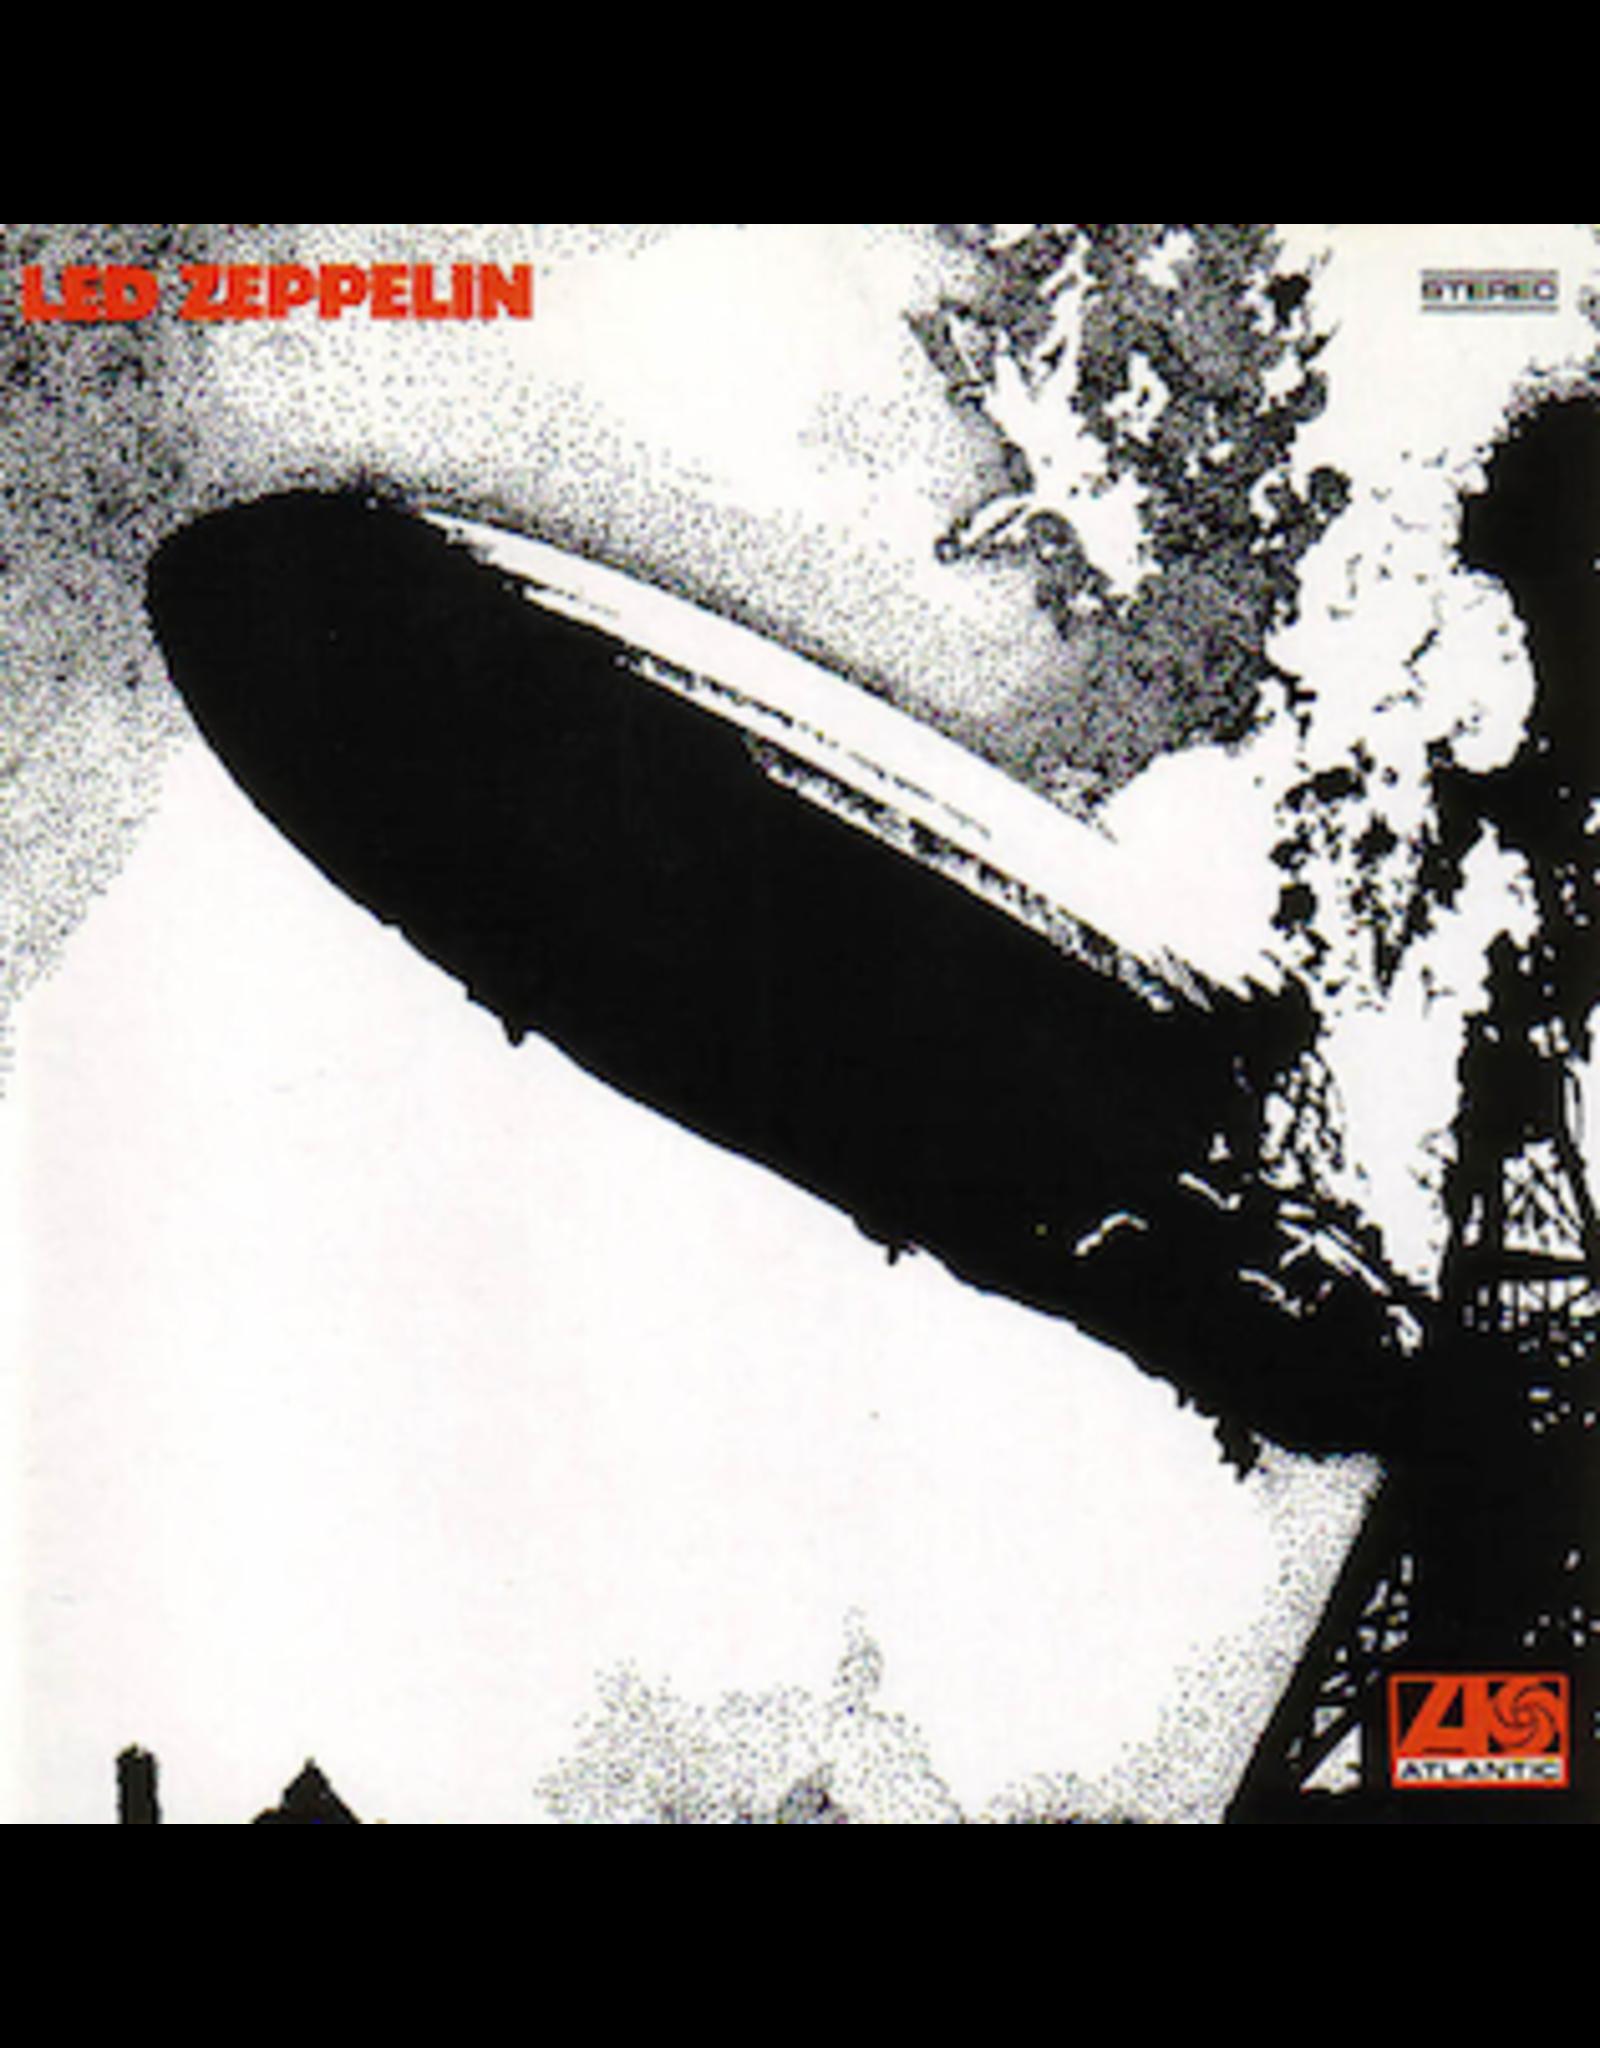 Led Zeppelin - I LP